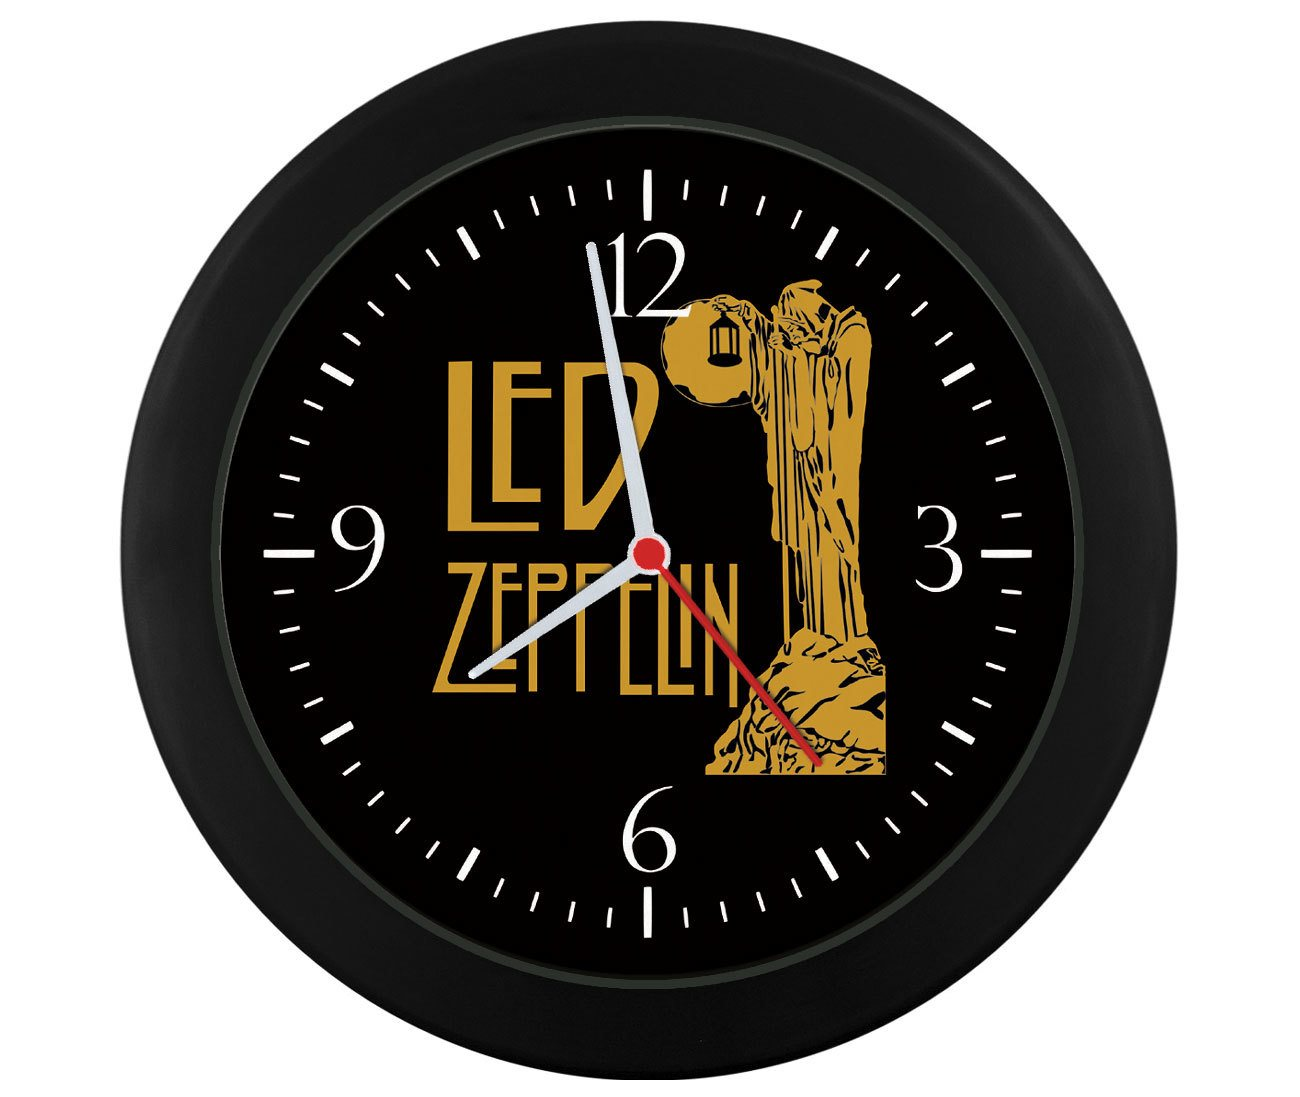 Relógio de parede Led Zeppelin